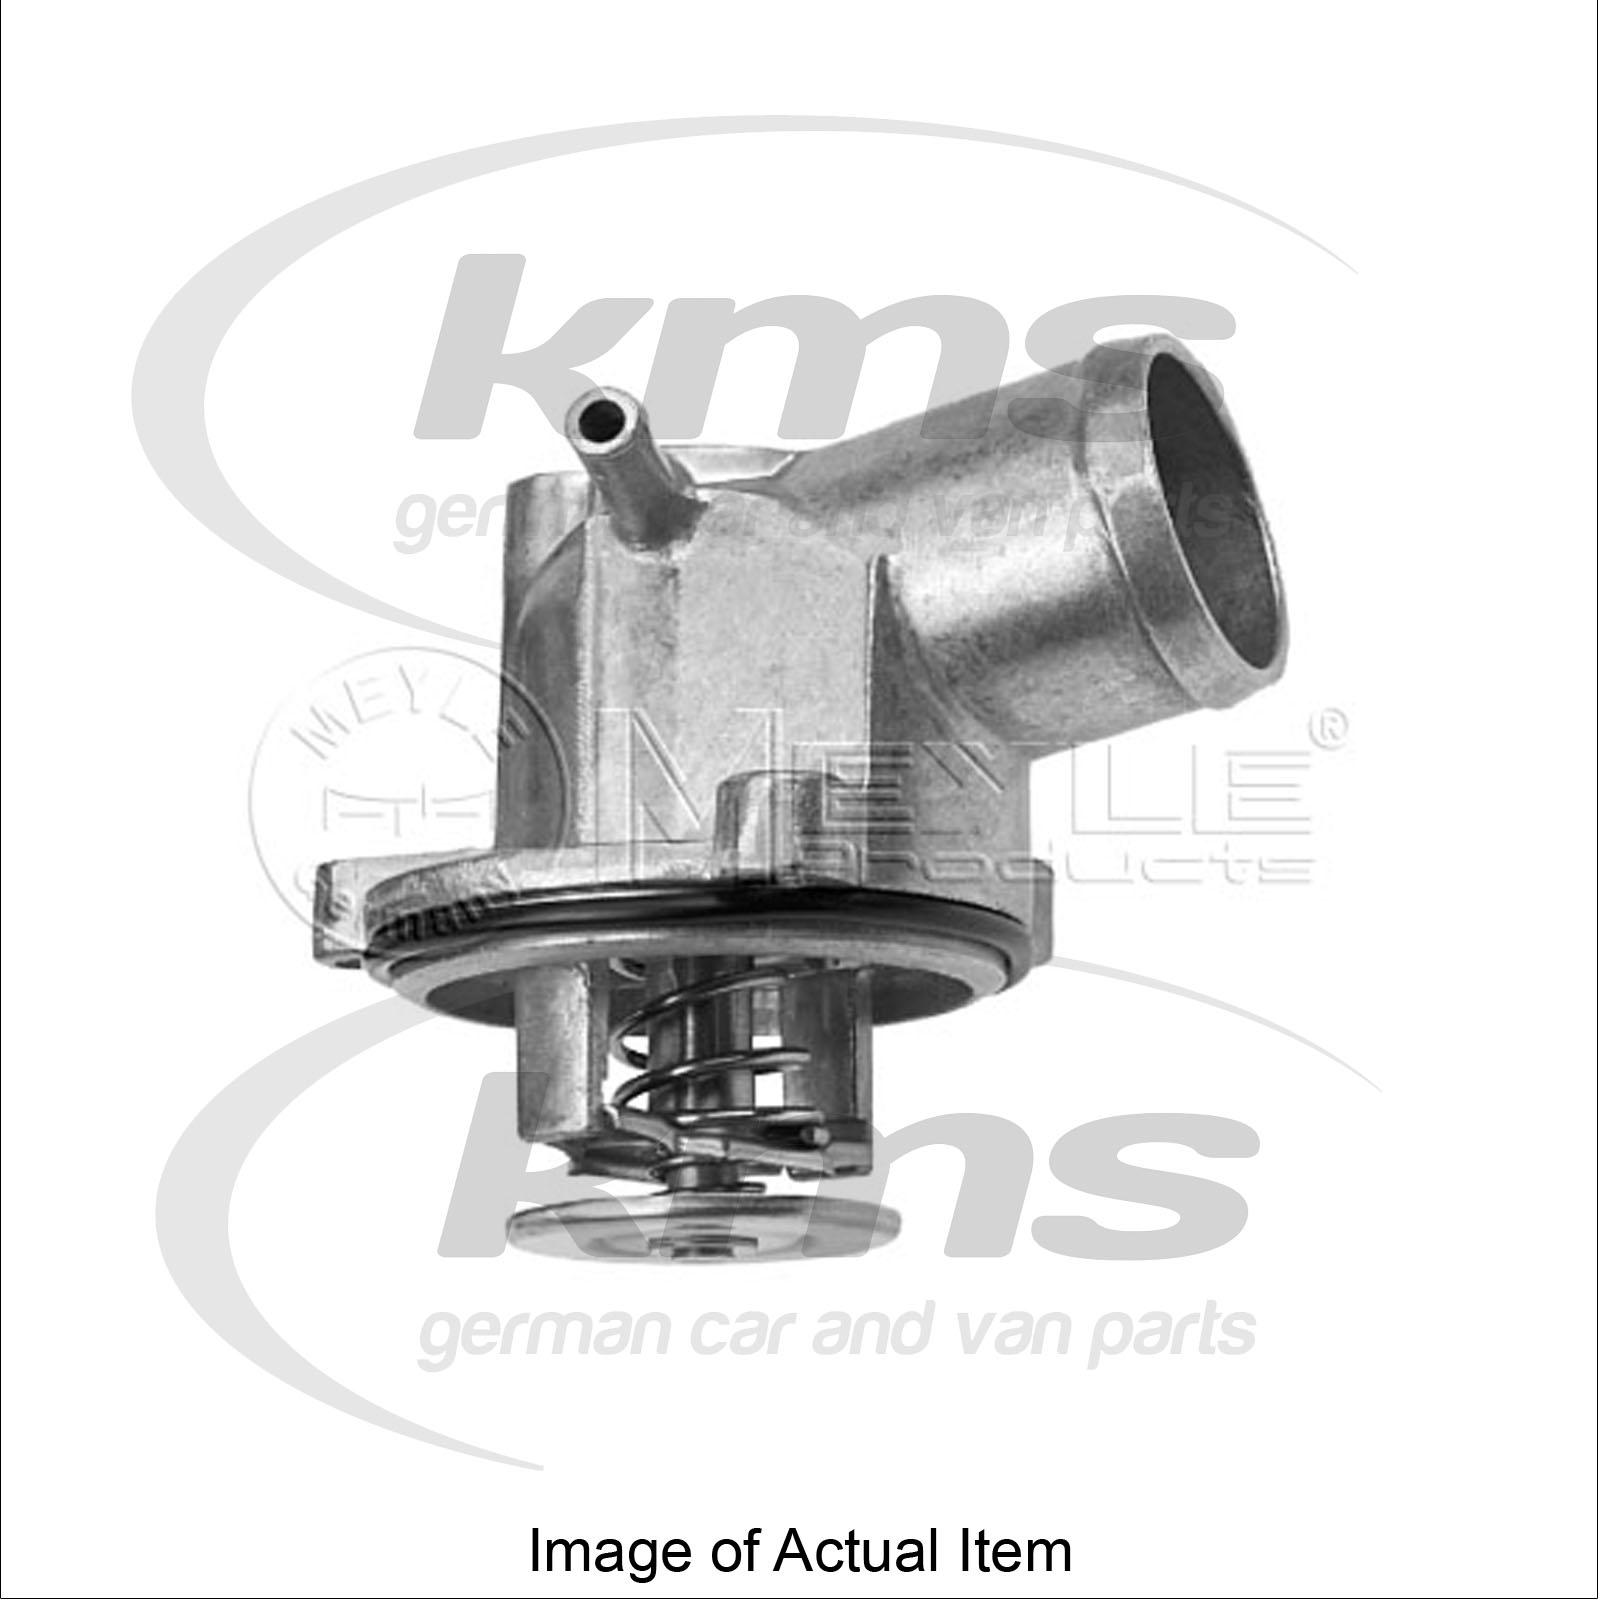 Termostato di liquido refrigerante mercedes berlina w124 for Mercedes benz thermostat